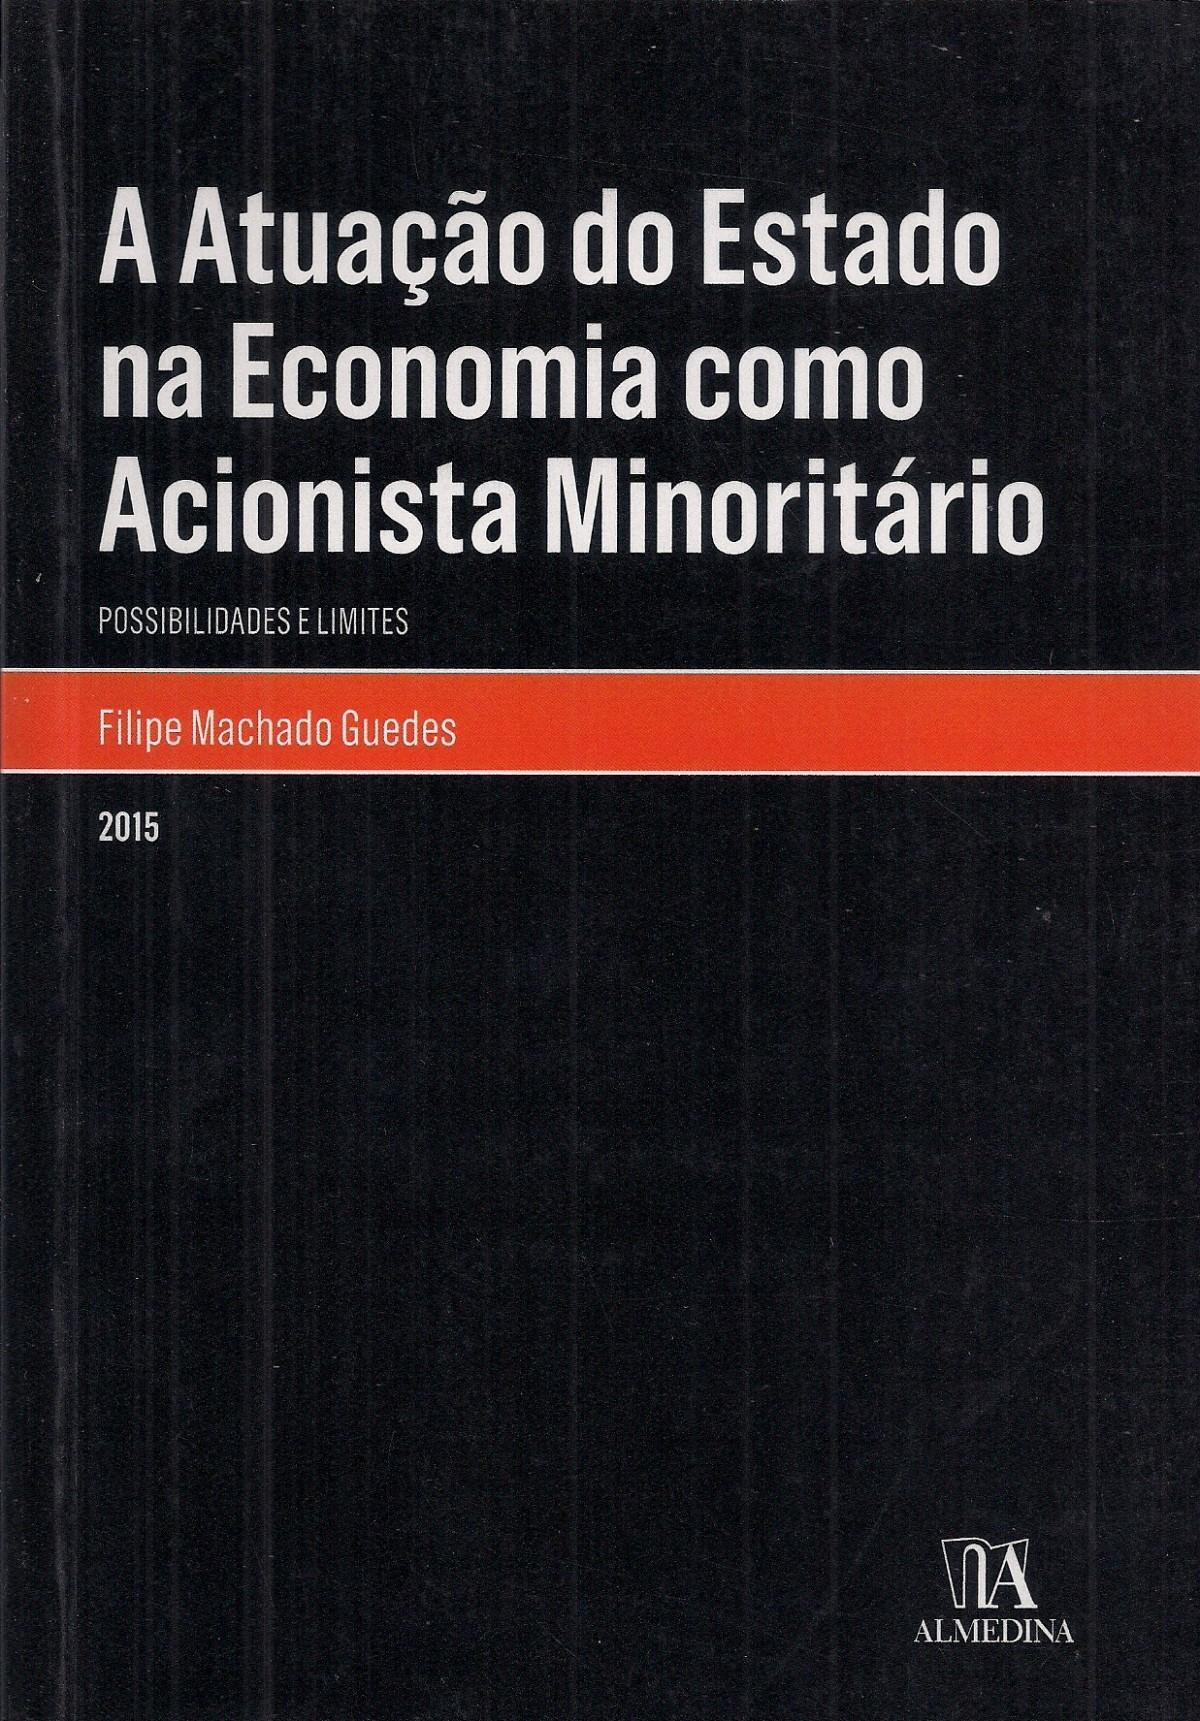 Foto 1 - A Atuação do Estado na Economia como Acionista Minoritário - Possibilidades e limites